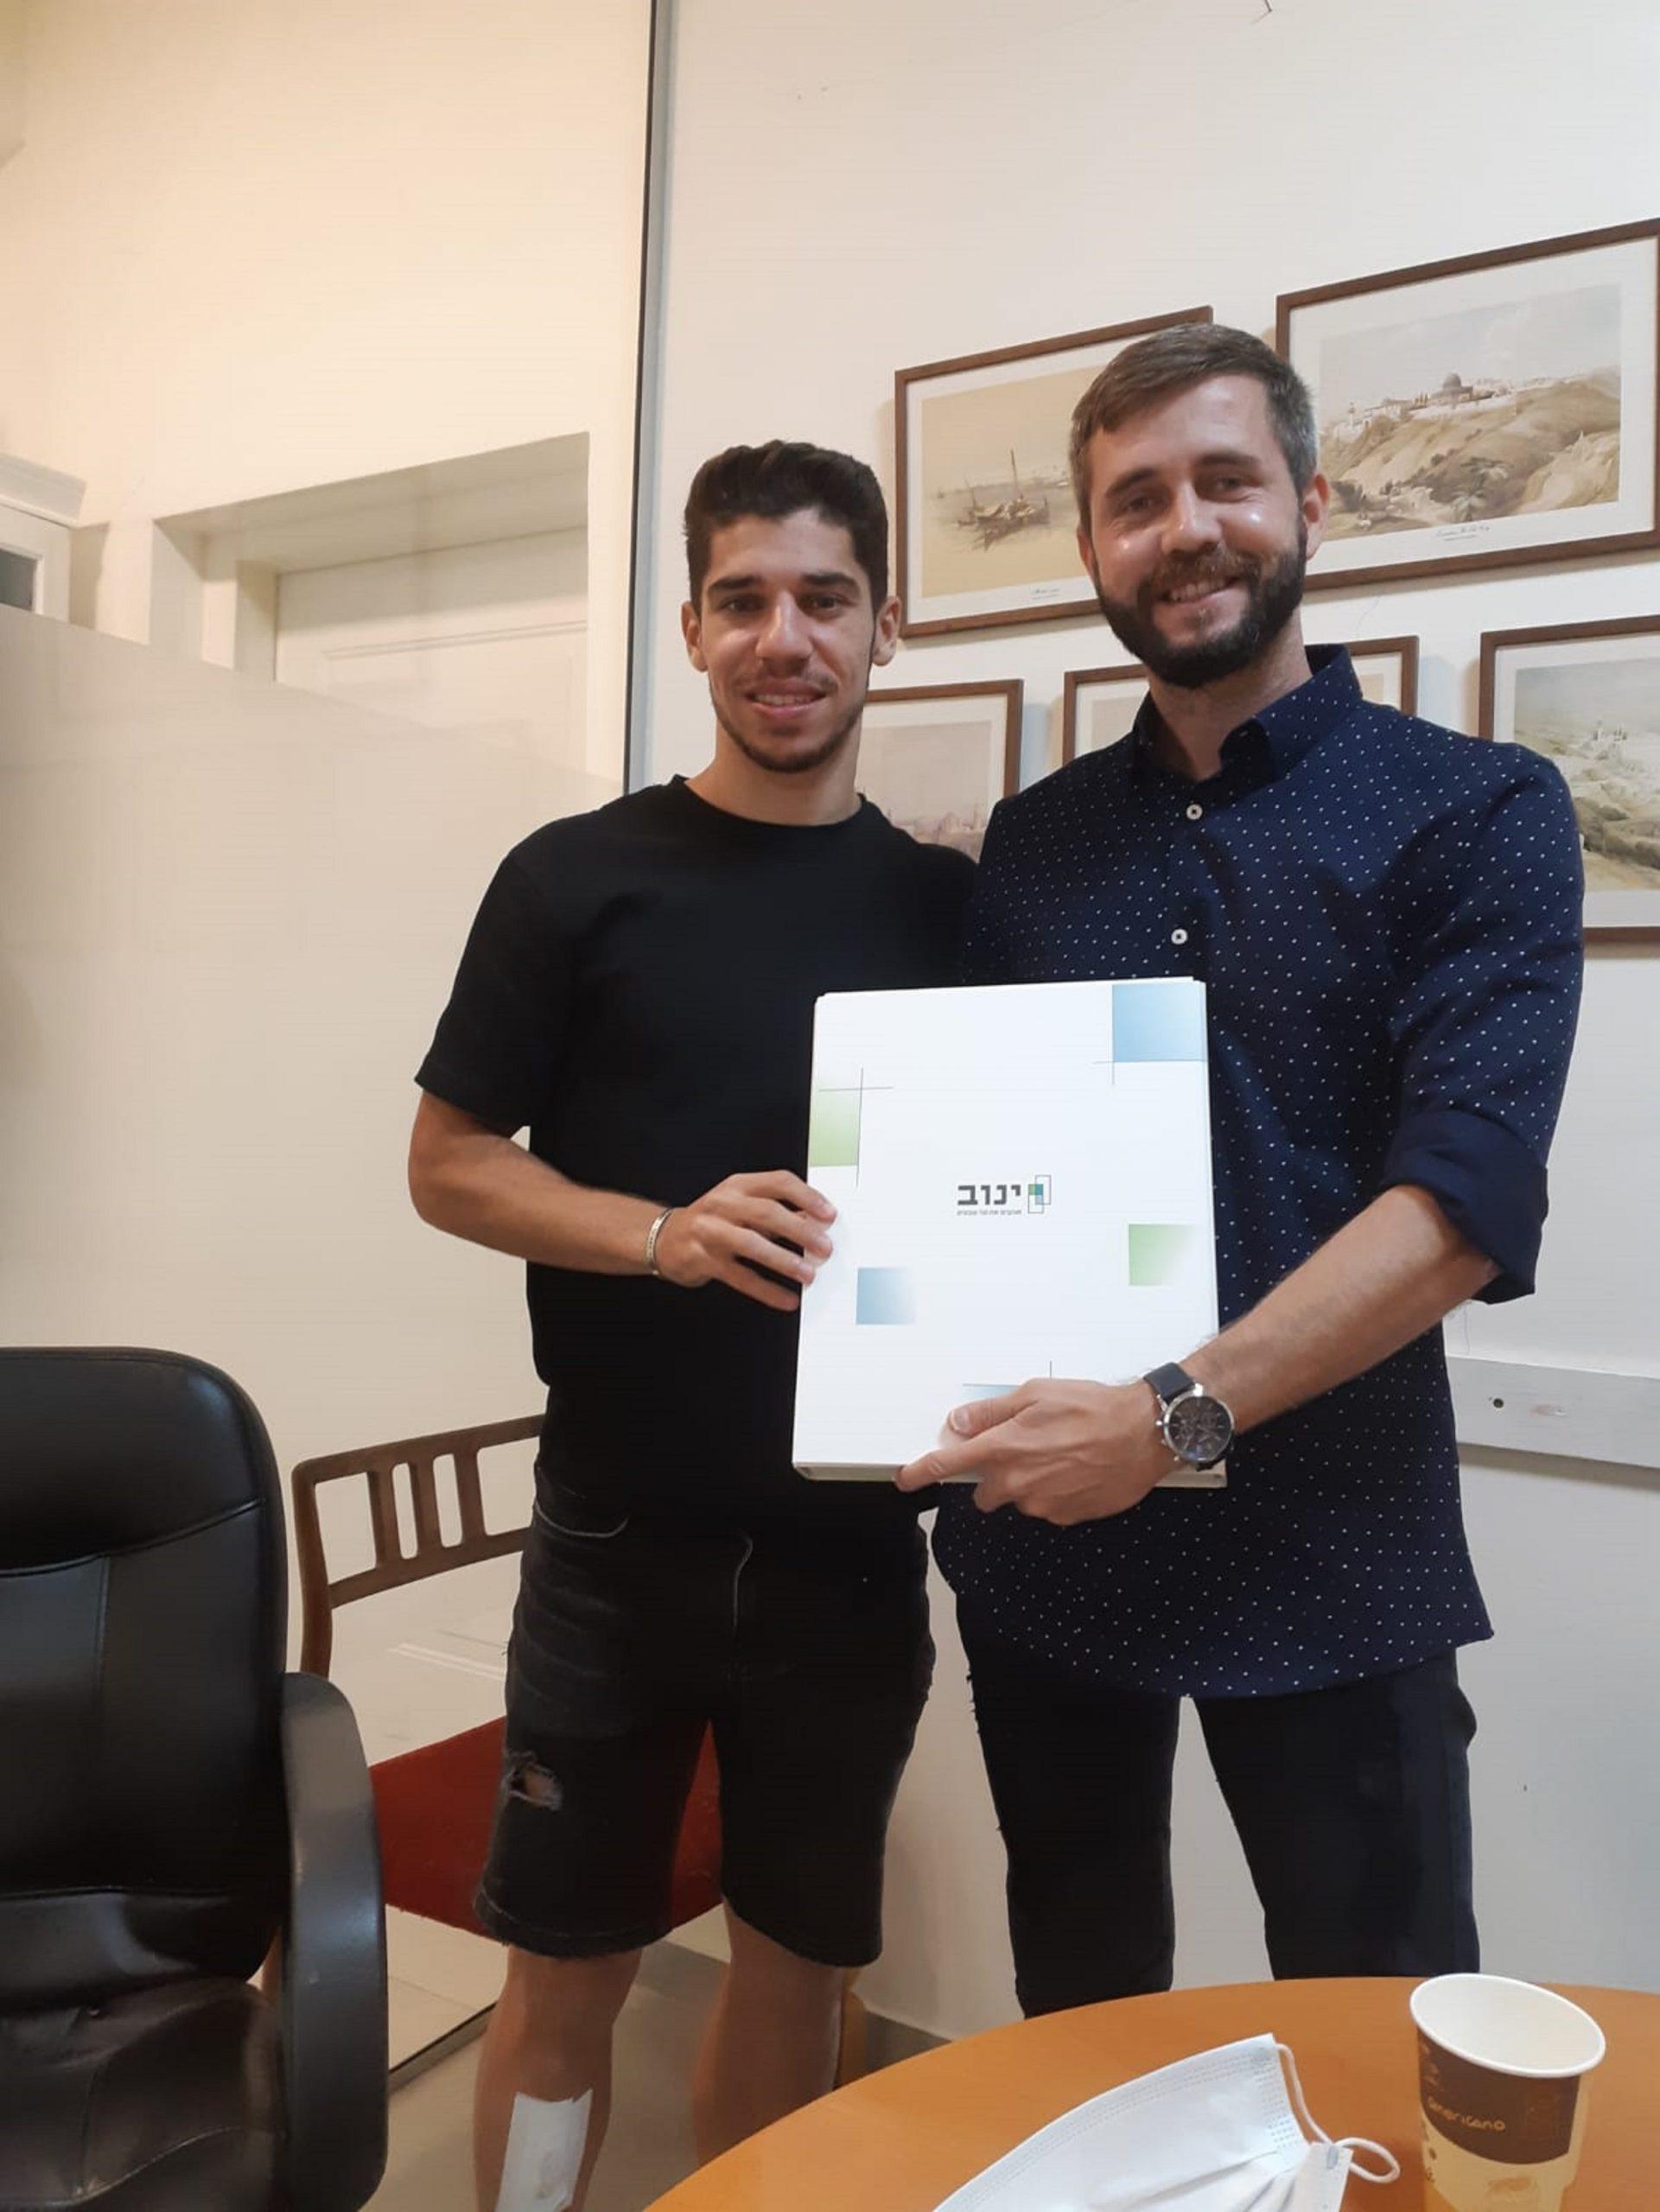 איפה קנה דירה ילד הפלא של הכדורגל הישראלי מנור סולומון ?